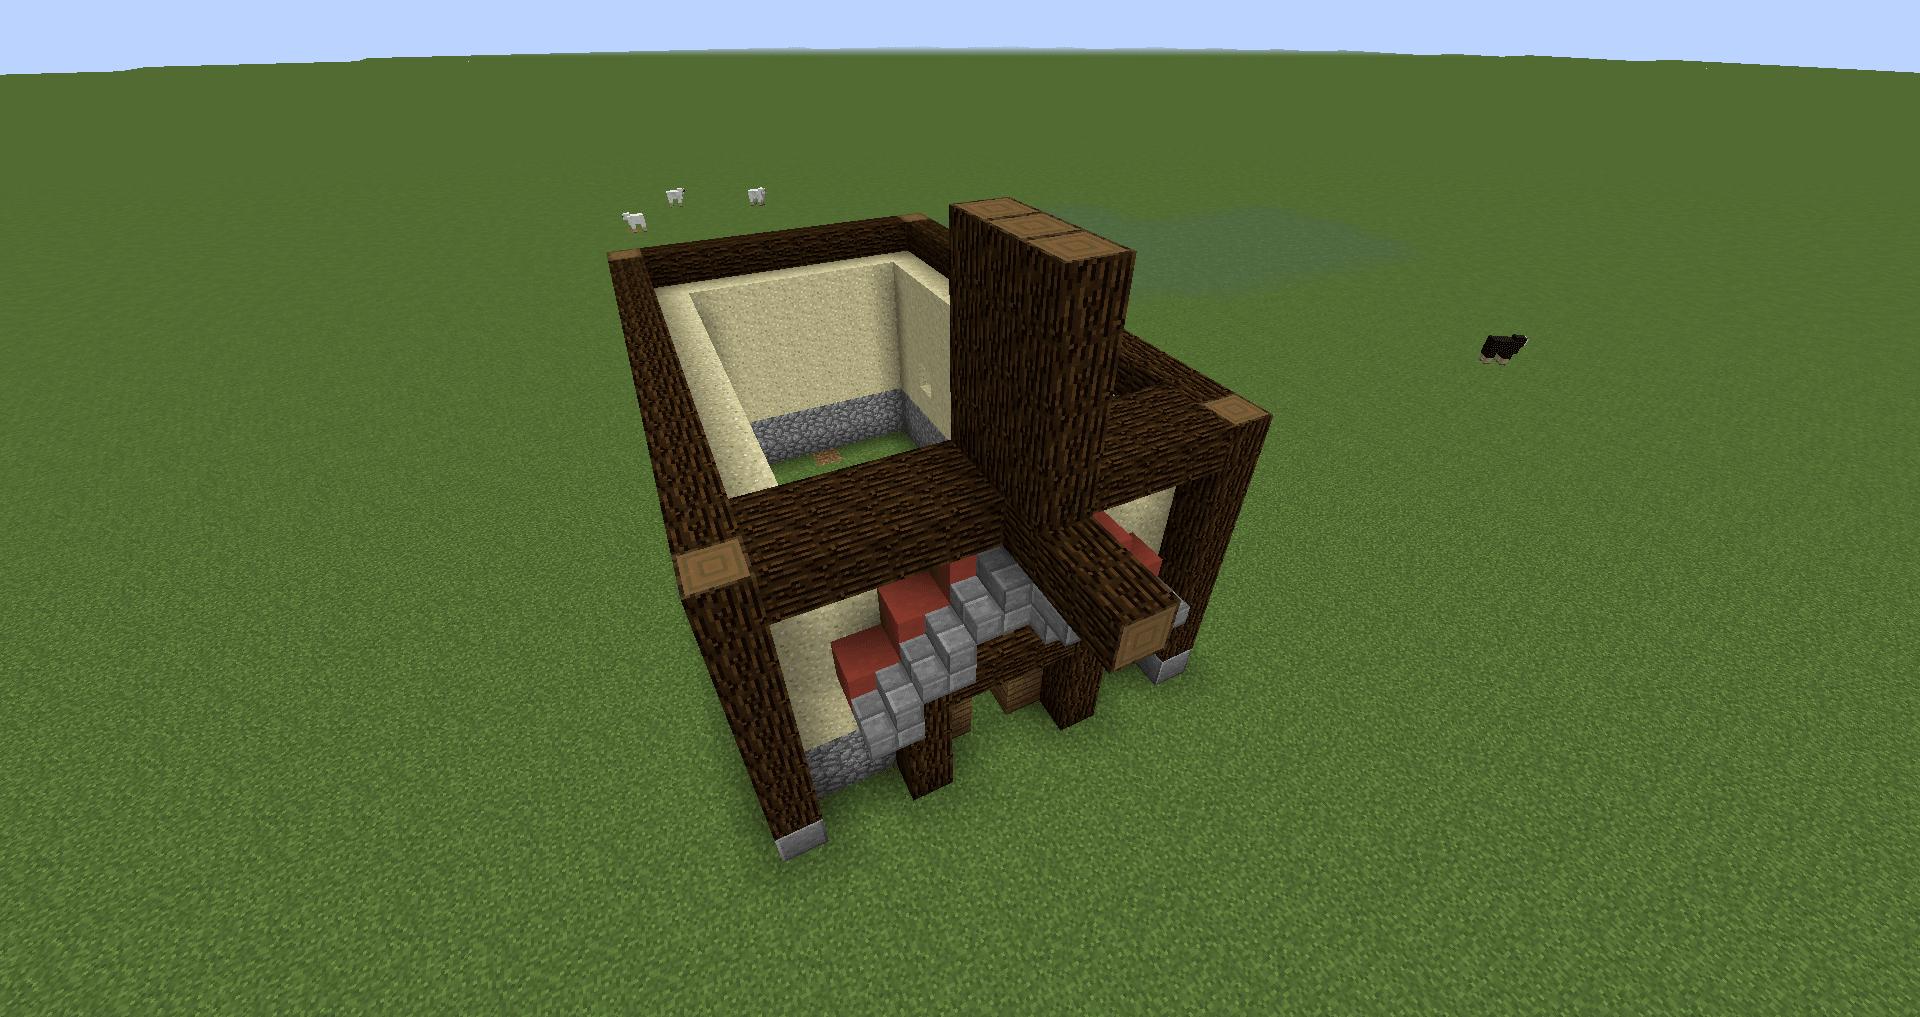 マインクラフト 風車小屋の作り方 簡単建築19